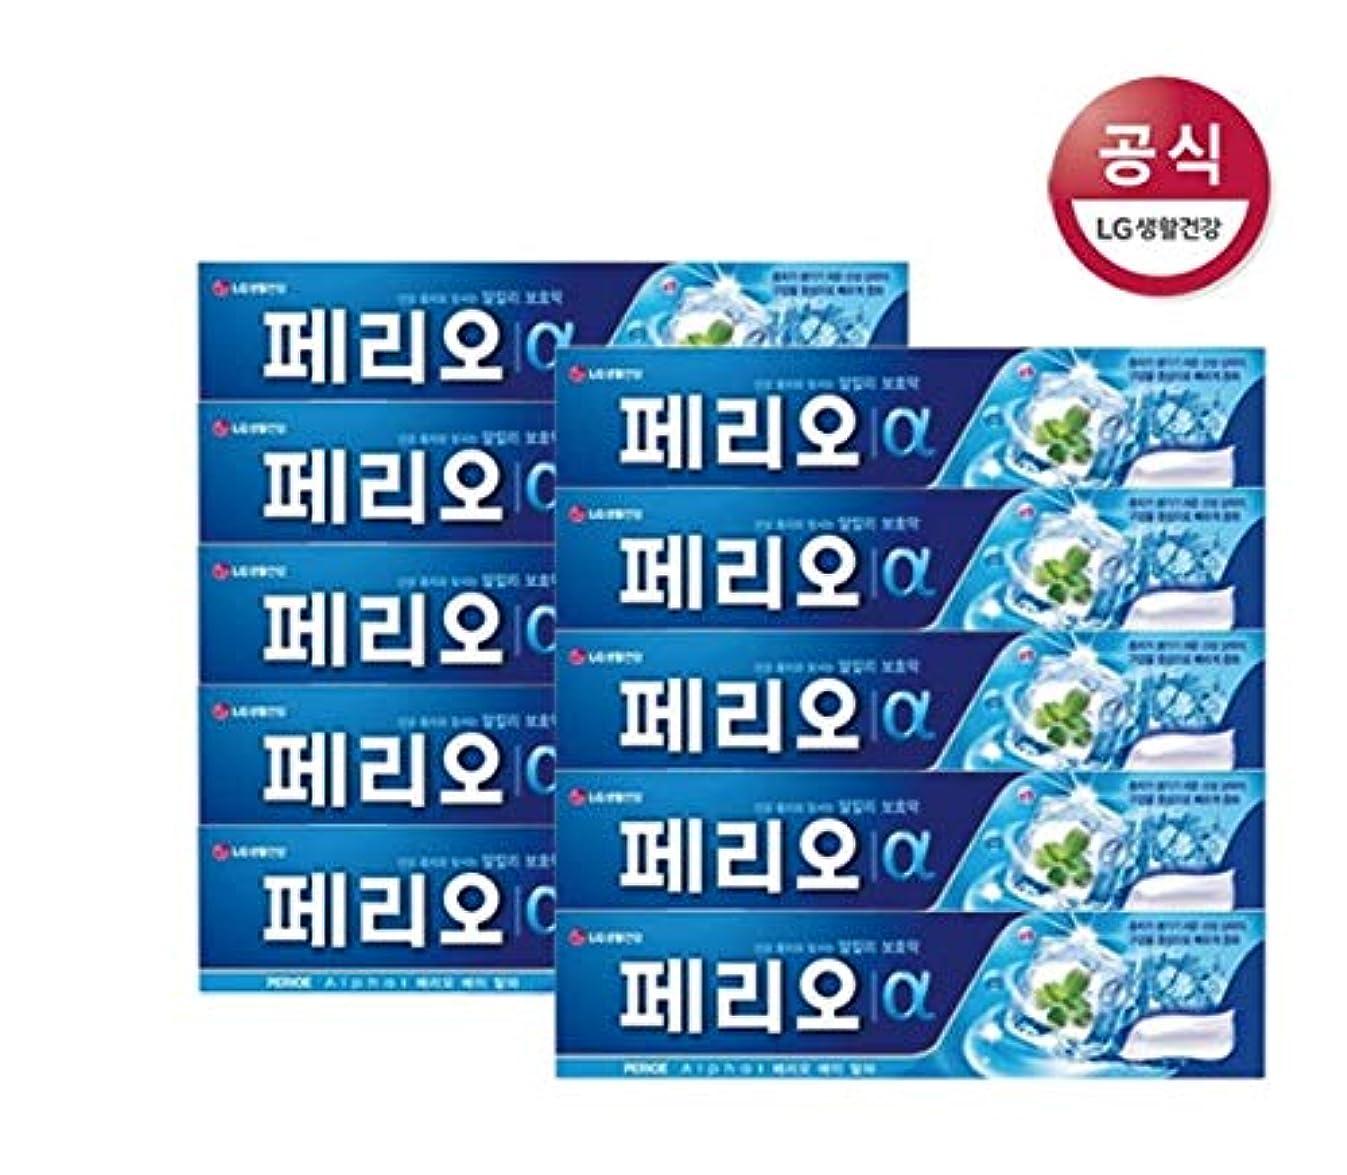 天使すばらしいです浸した[LG Care/LG生活健康]ペリオアルファ歯磨き粉170g x10個/歯磨きセットスペシャル?リミテッドToothpaste Set Special Limited Korea(海外直送品)